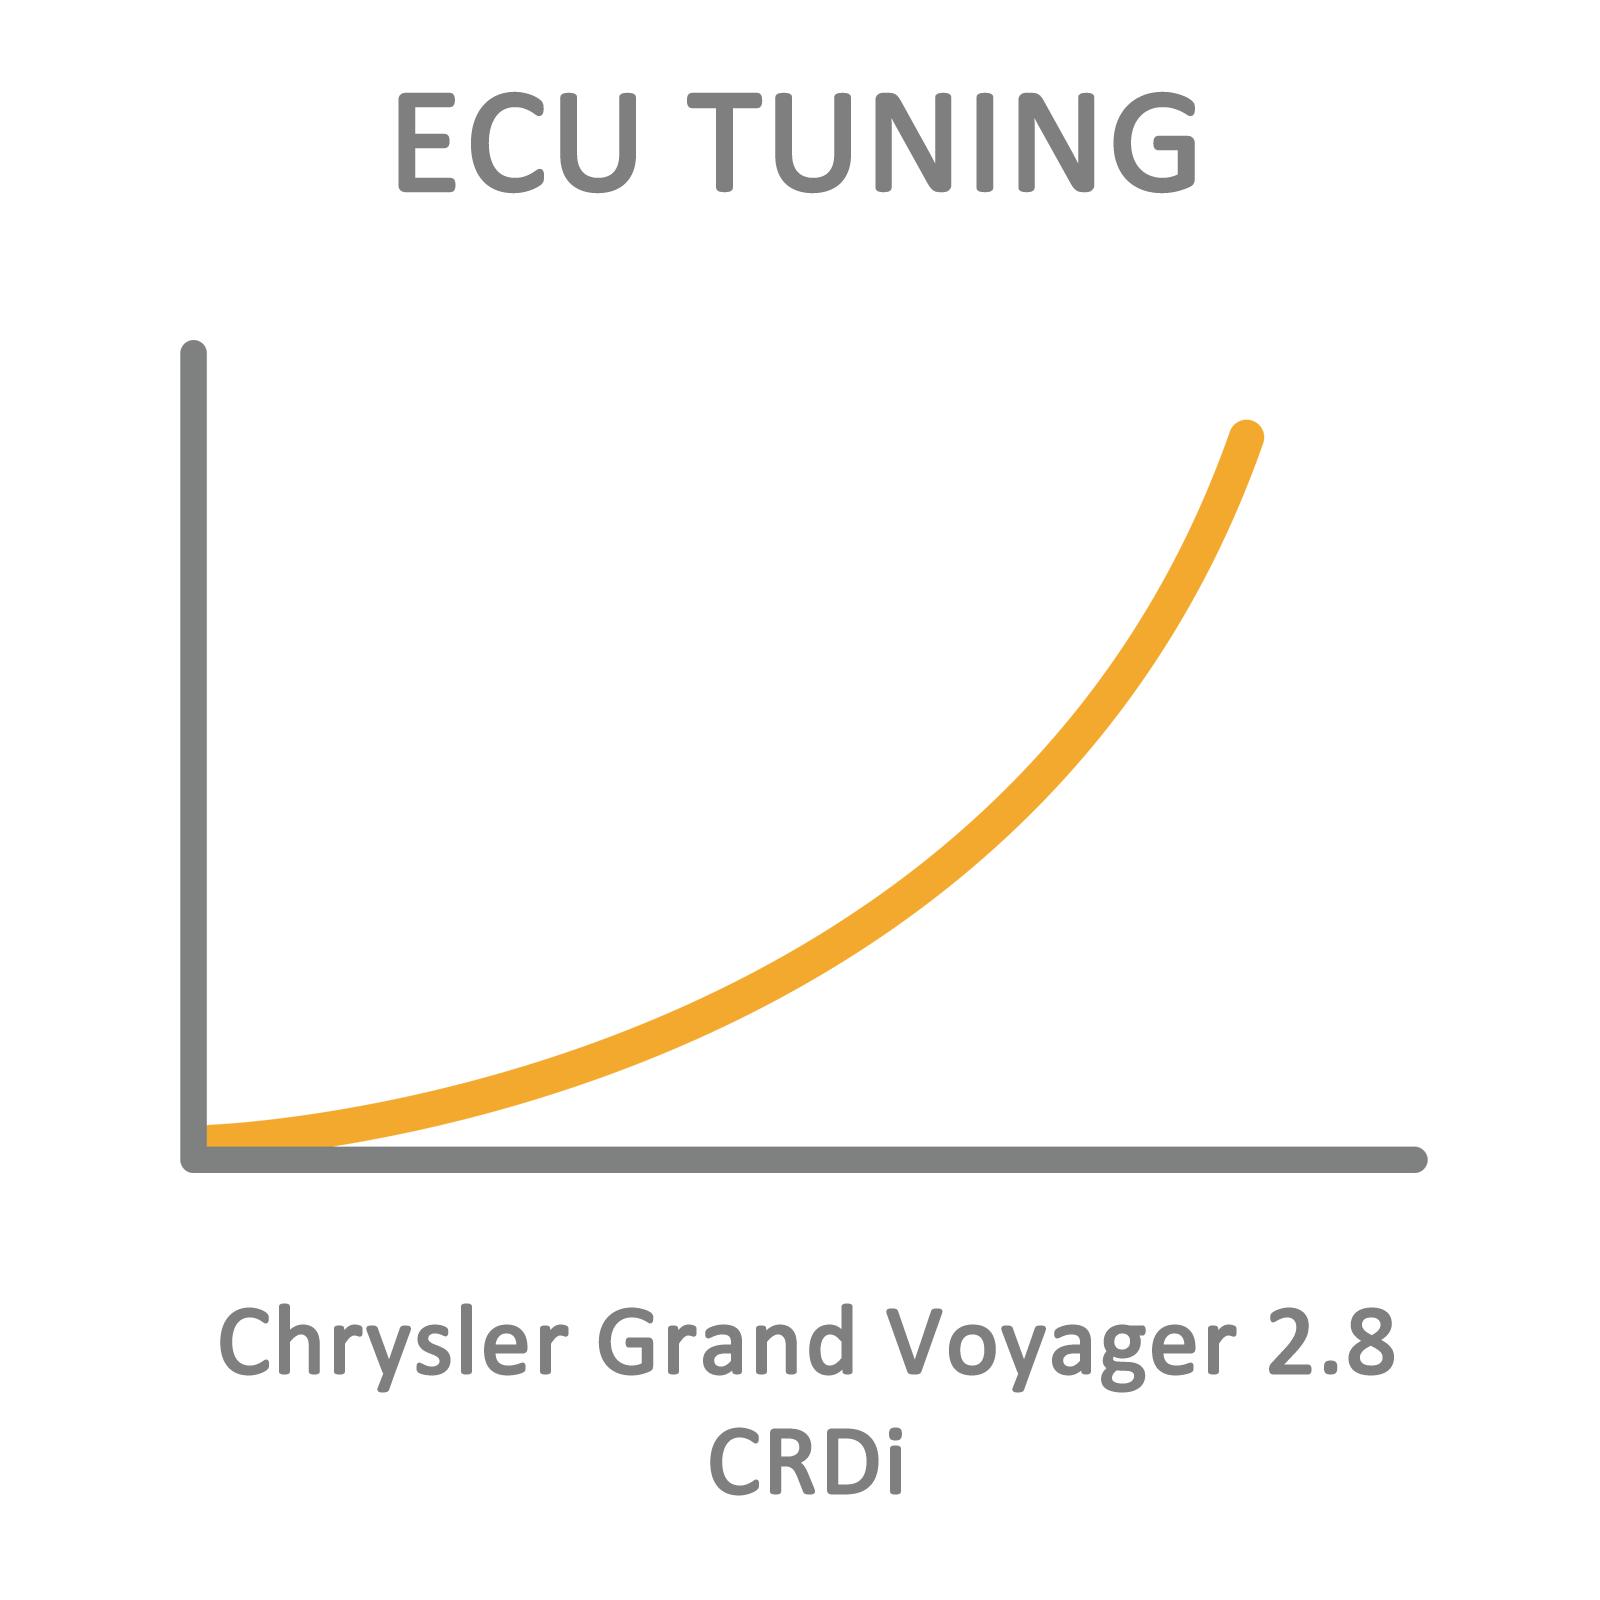 Chrysler Grand Voyager 2.8 CRDi ECU Tuning Remapping